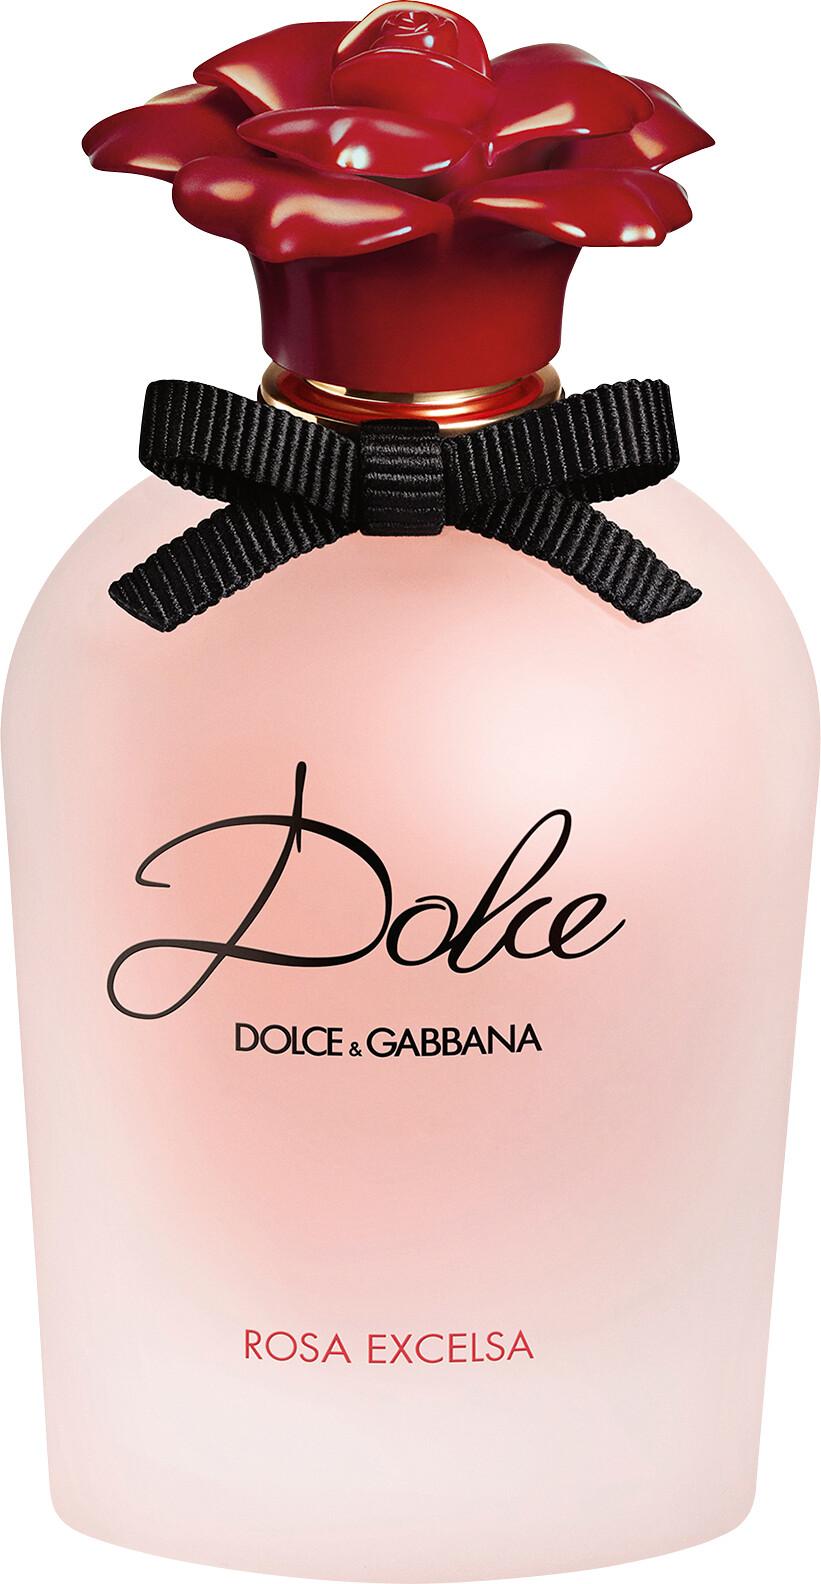 ... Dolce   Gabbana Dolce Rosa Excelsa Eau de Parfum Spray 50ml 0695bb3888d3